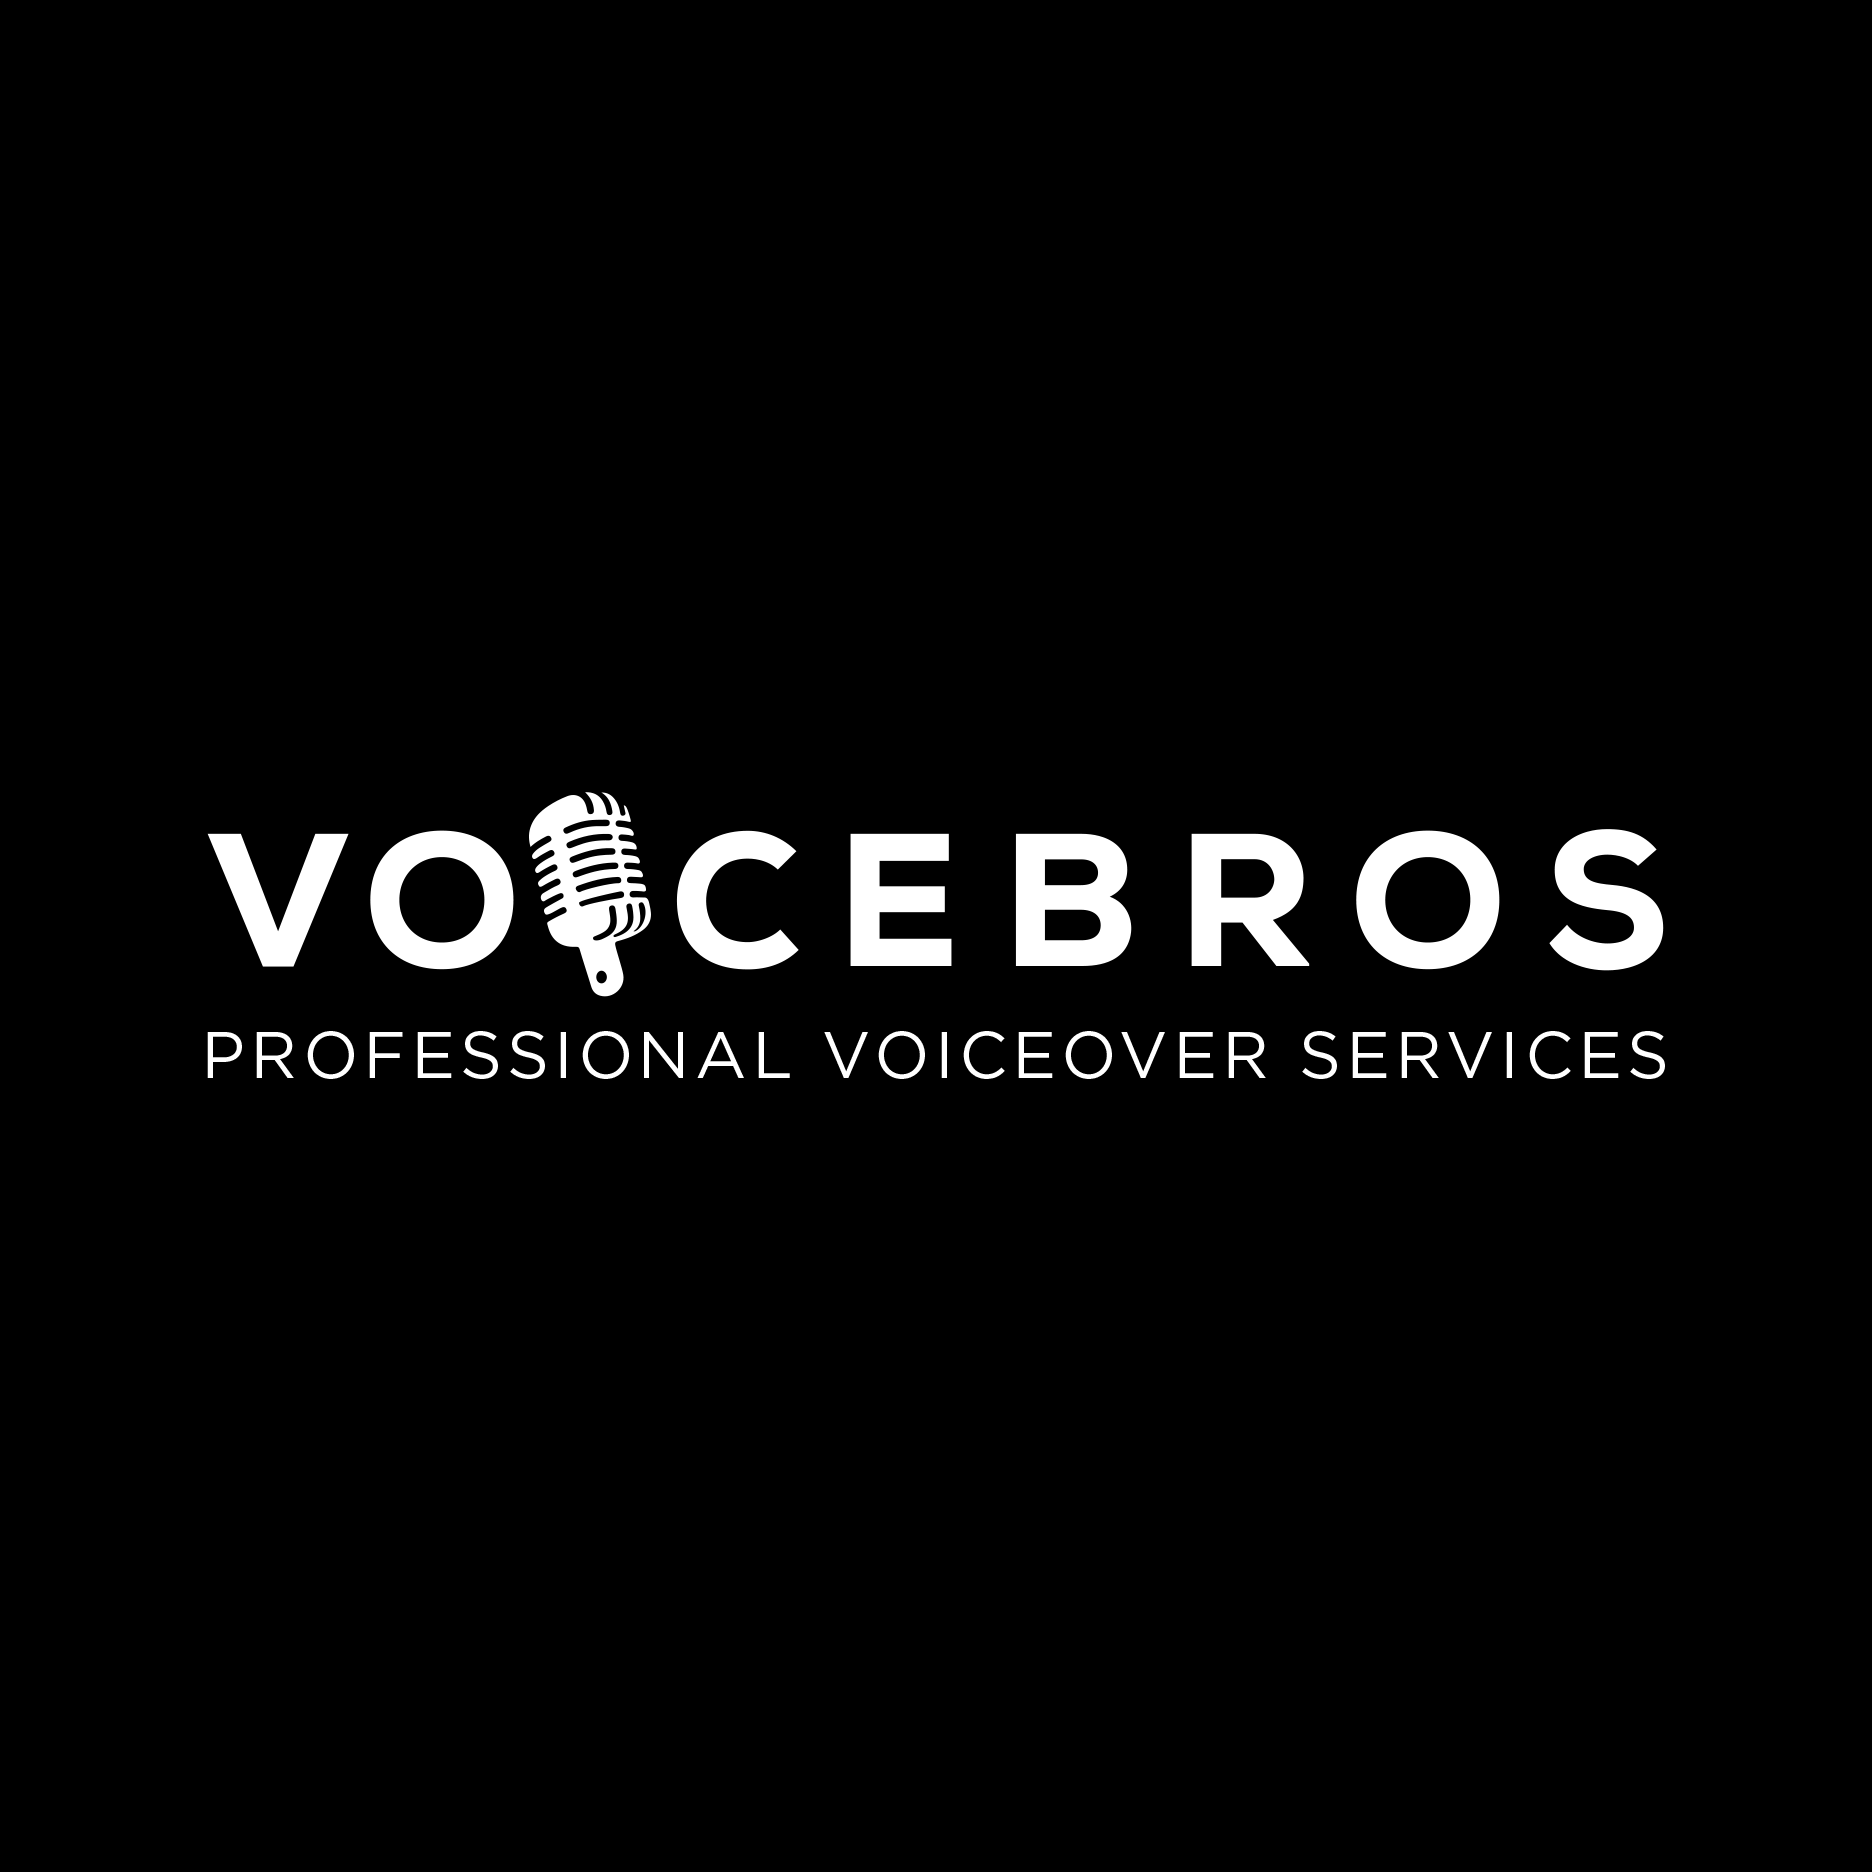 Eduardo Jesús Colina Nieto is a voice over actor